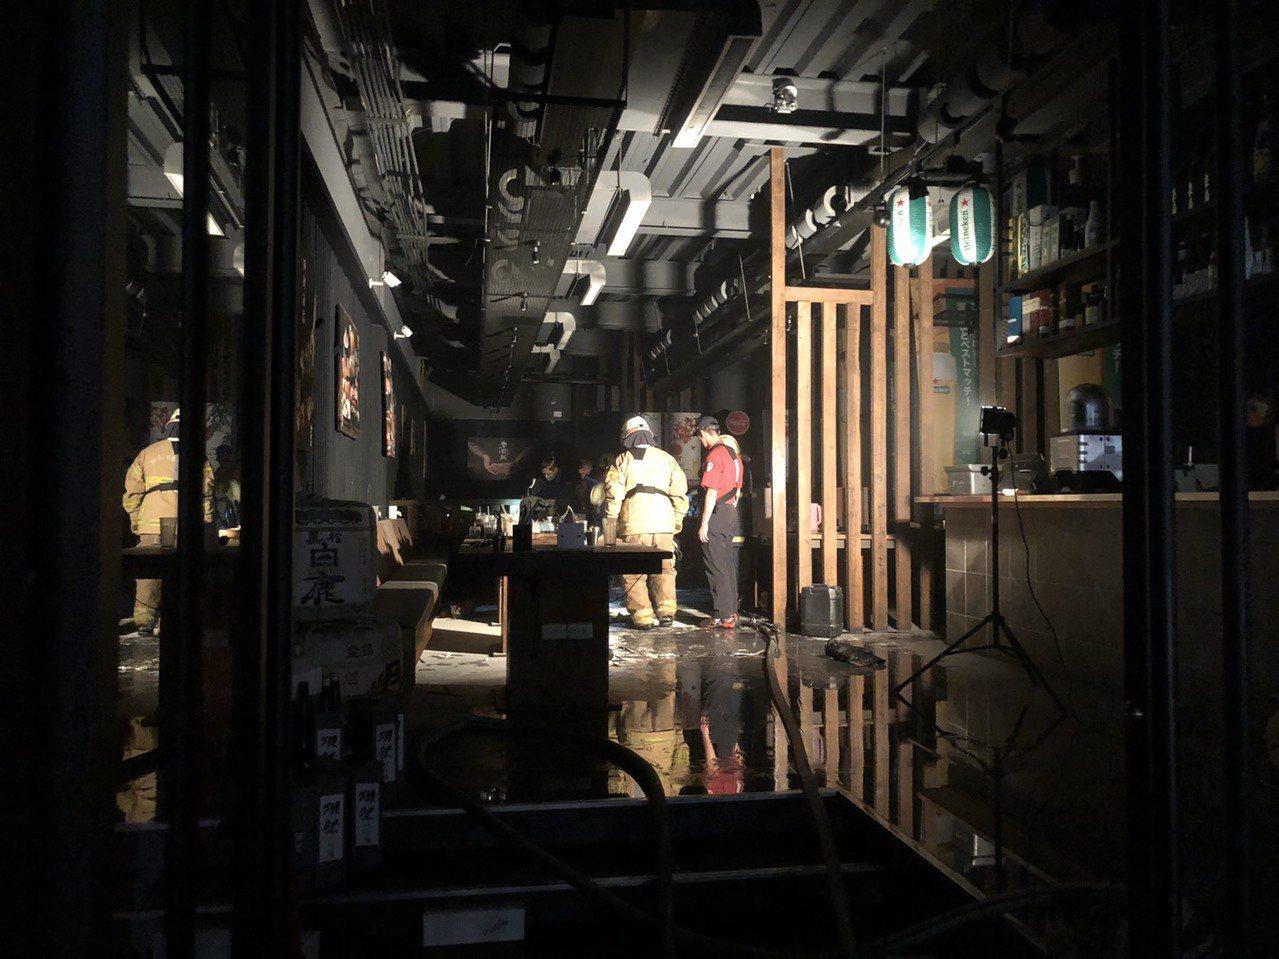 高雄三民區澄清路上某知名燒肉店今晚傳火警,疑因排油煙機出現火苗燃燒,濃煙大量竄出...